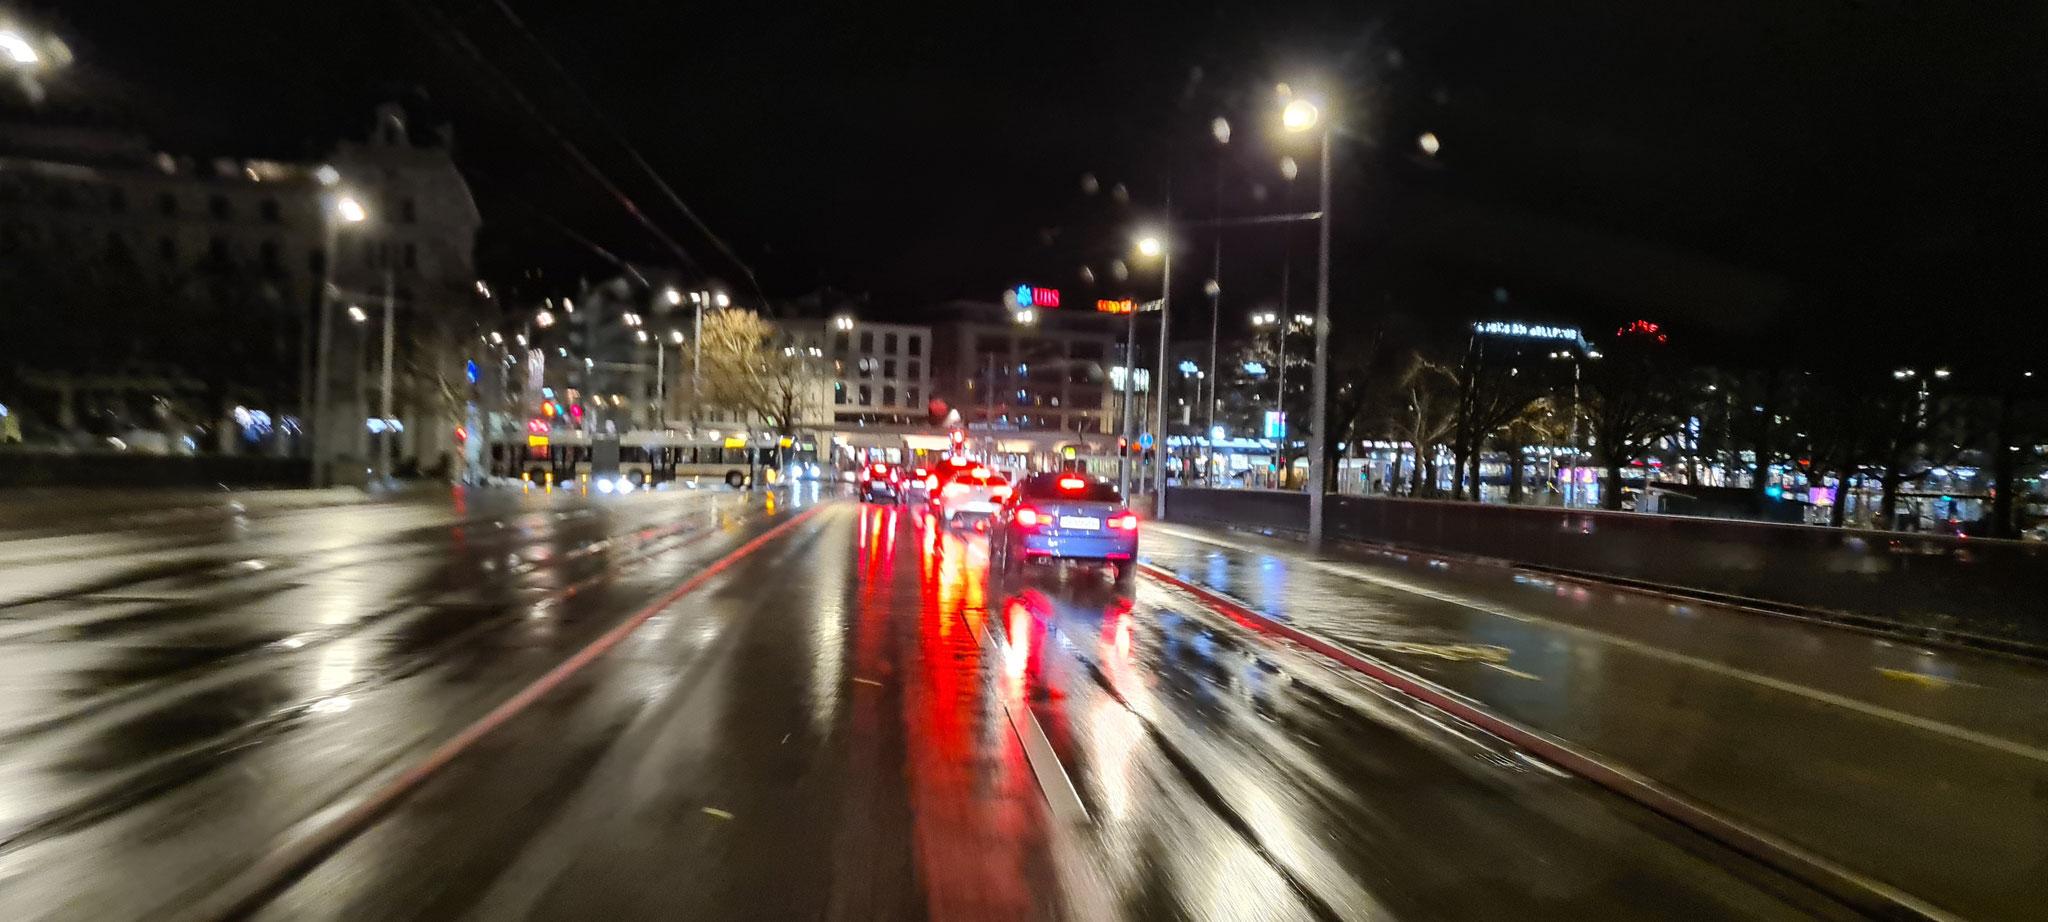 ...und in Zürich regnet und windet es ziemlich heftig